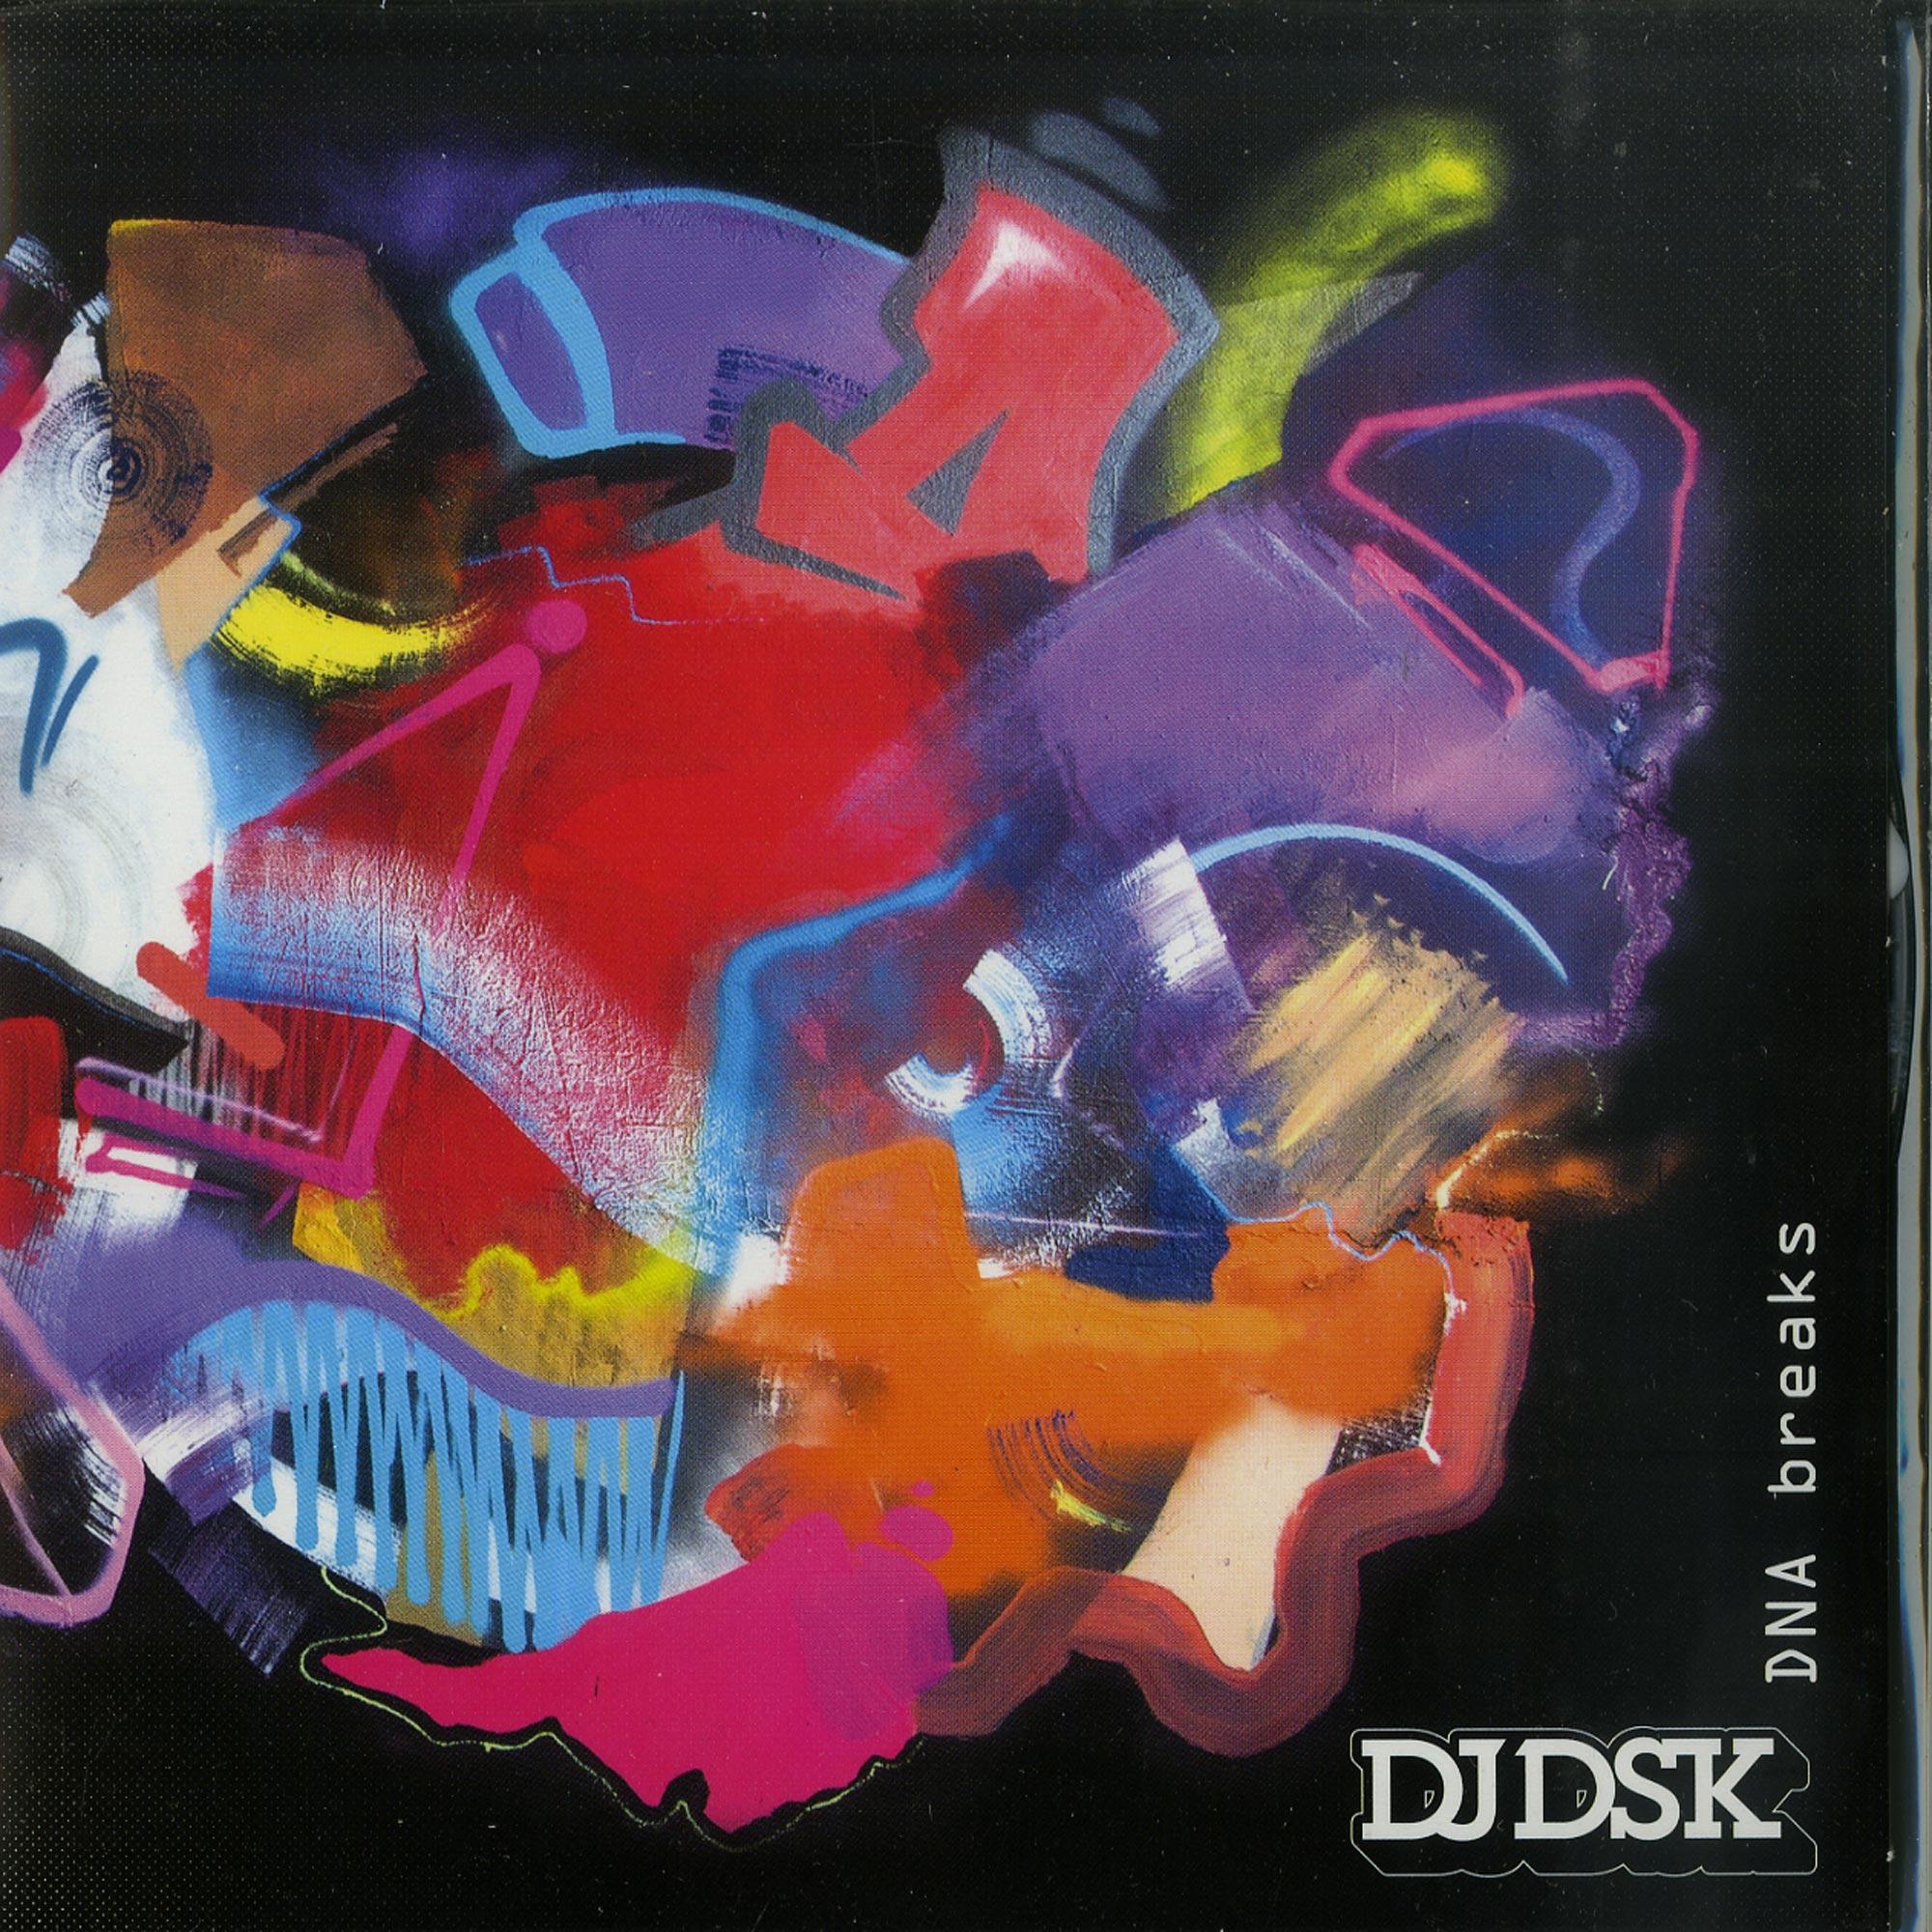 DJ DSK / DNA - DNA BREAKS